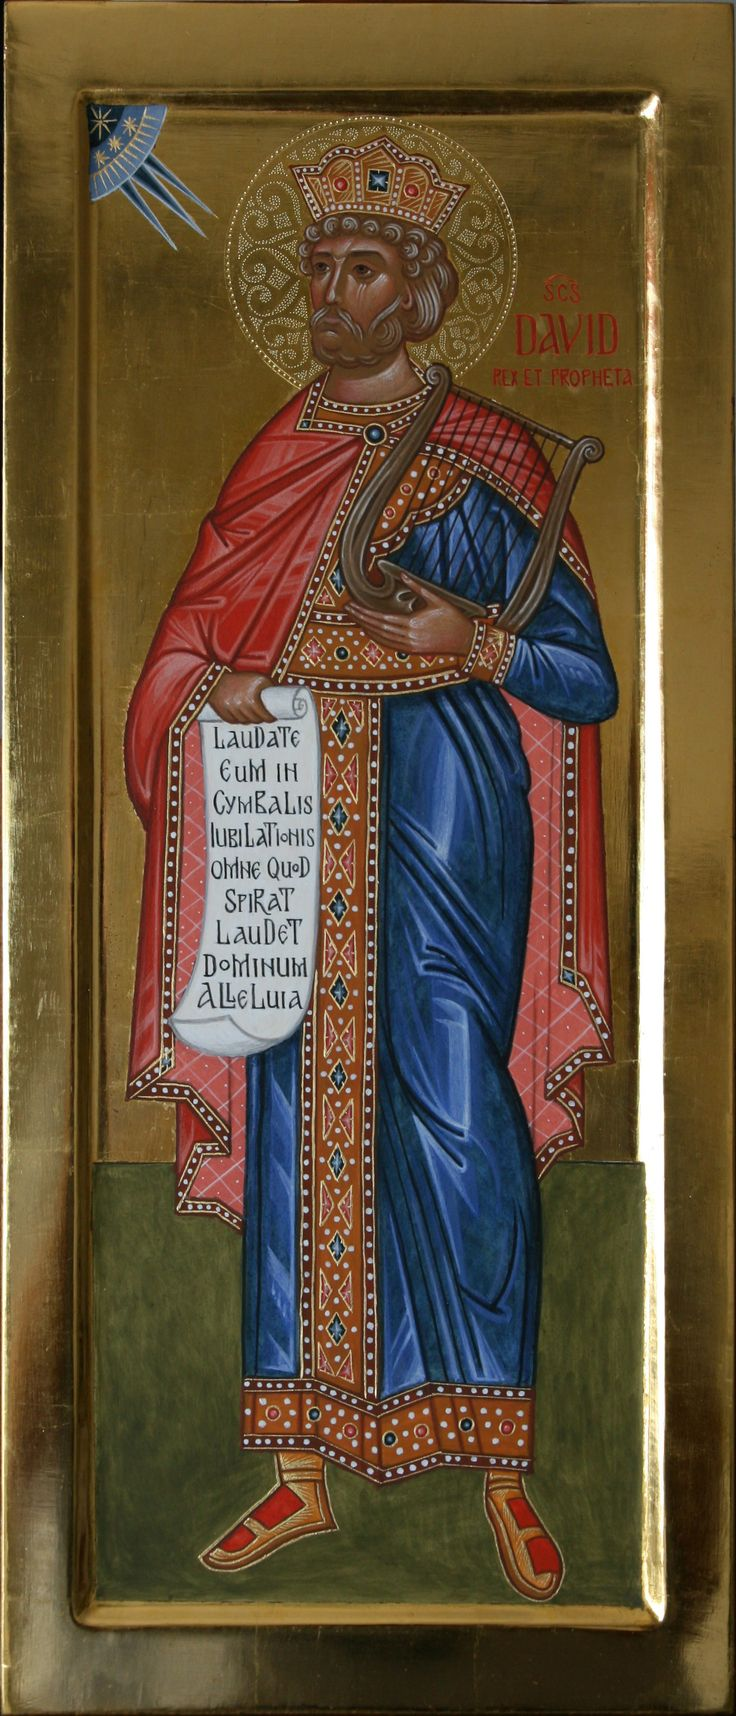 Santo Davide re e profeta per mano di Giuliano Melzi (Italy)